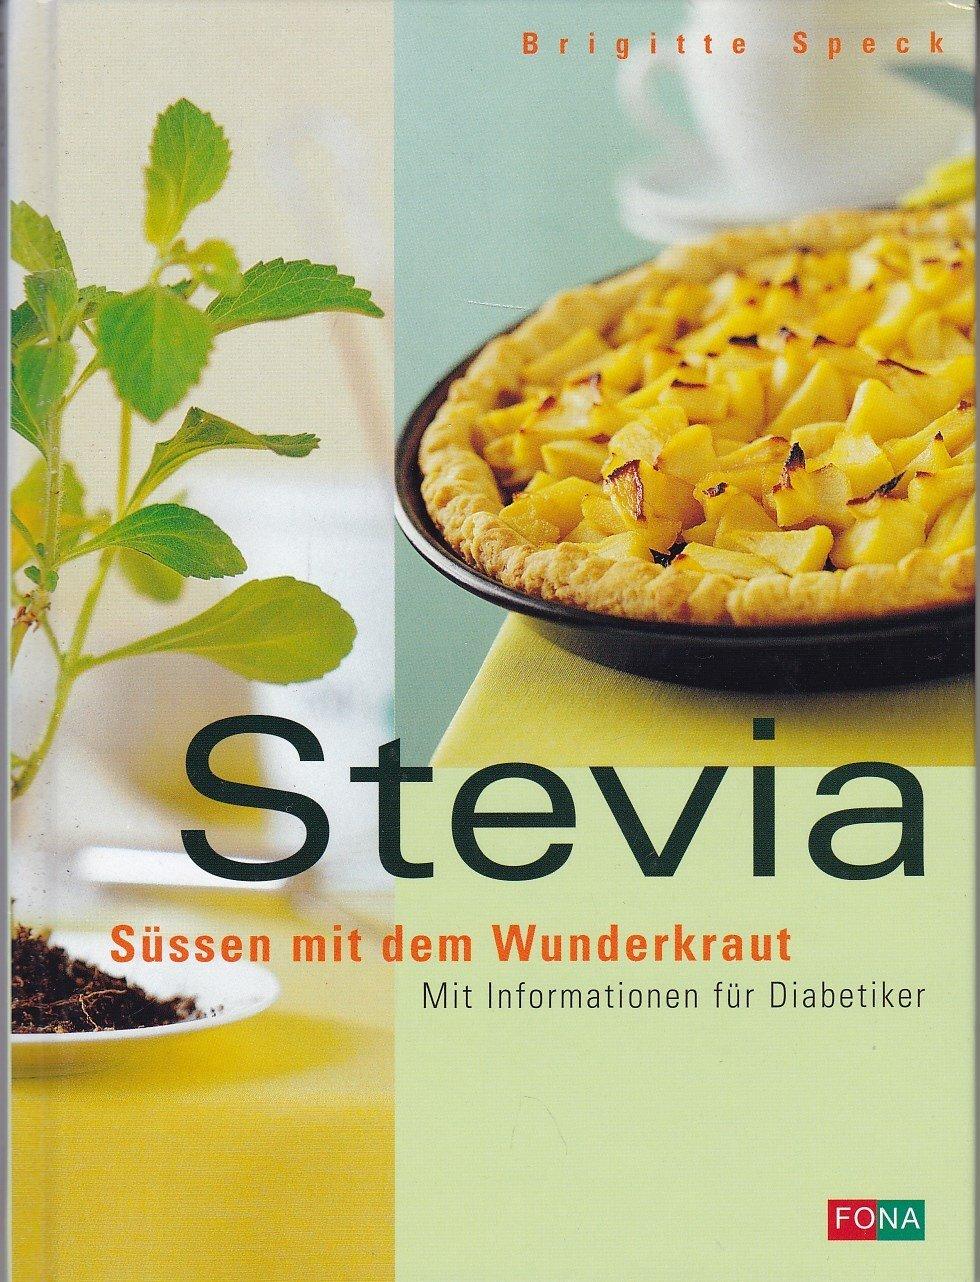 Stevia Sussen Mit Dem Wunderkraut Mit Informationen Fur